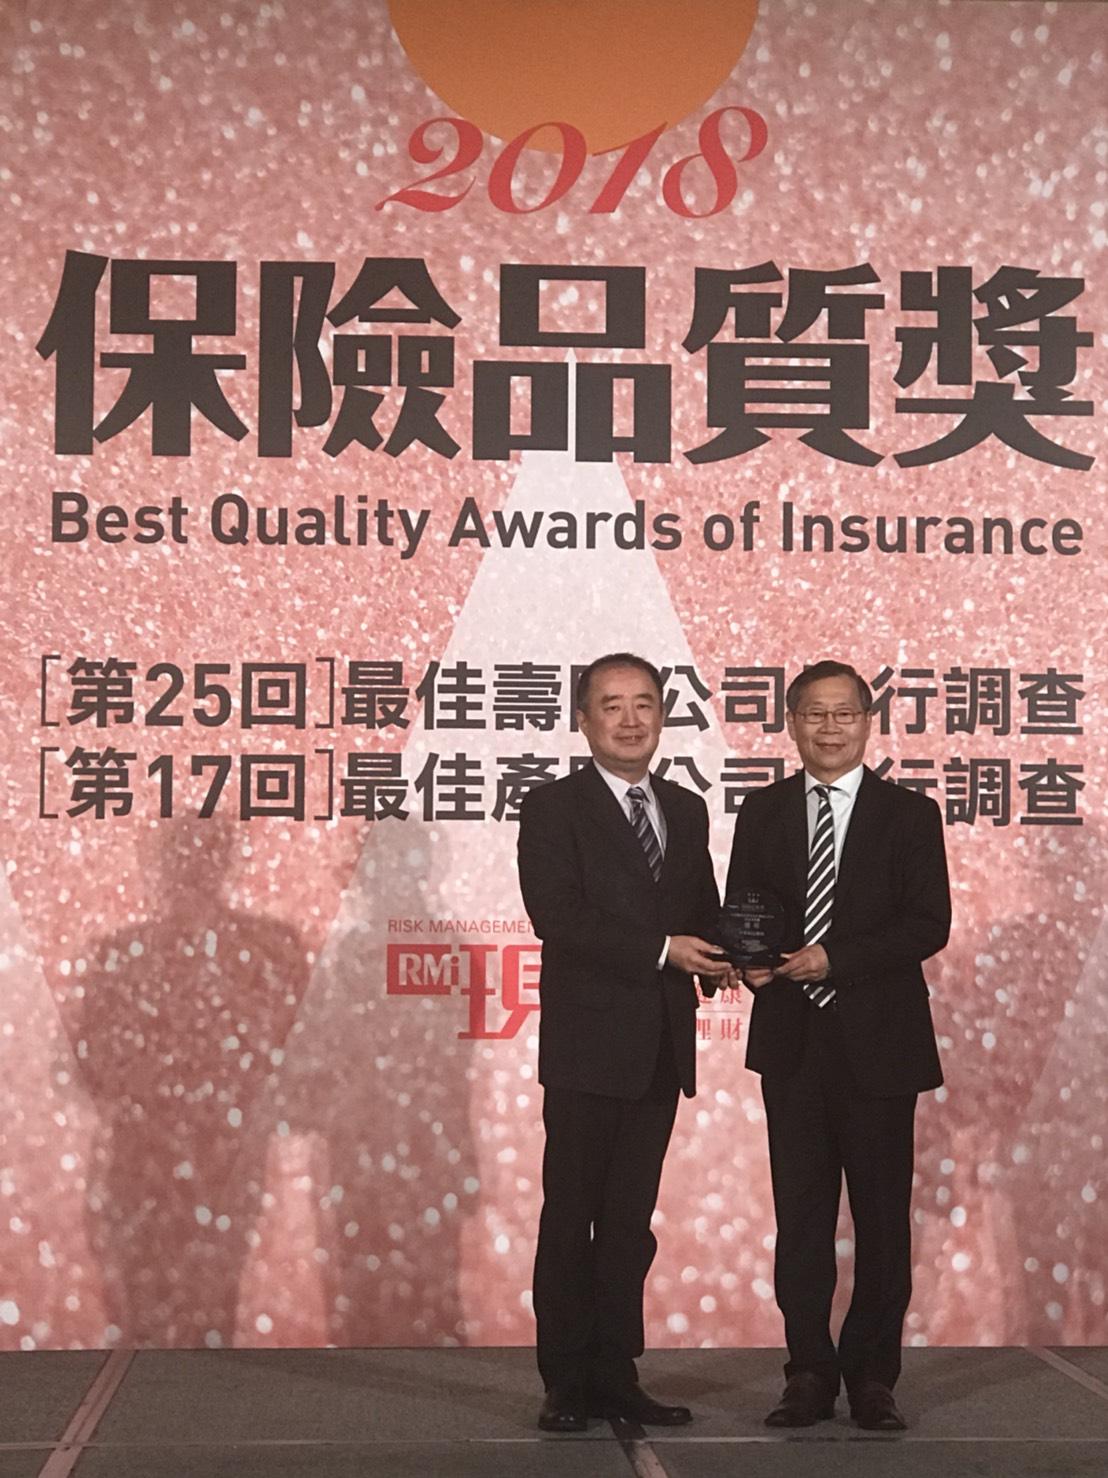 本公司榮獲現代保險健康理財雜誌主辦第六屆「保險品質獎」殊榮